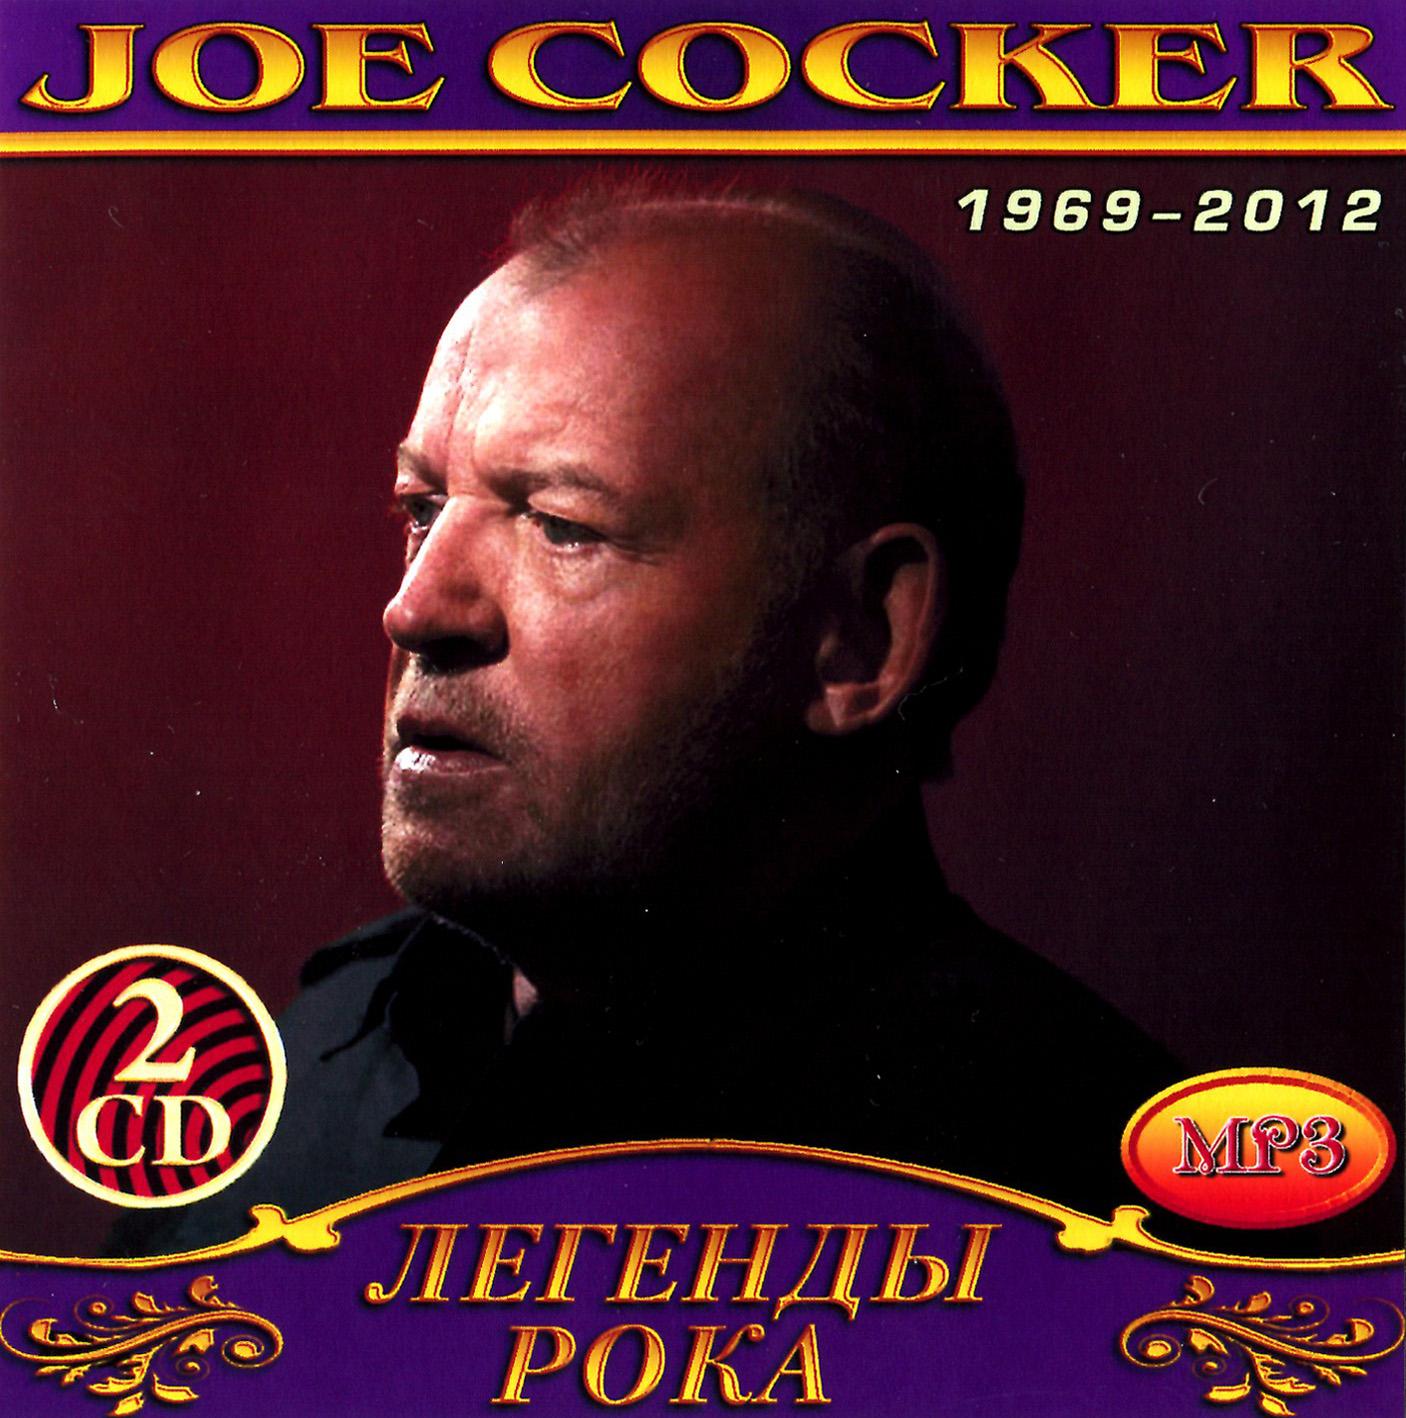 Joe Cocker 2cd [mp3]